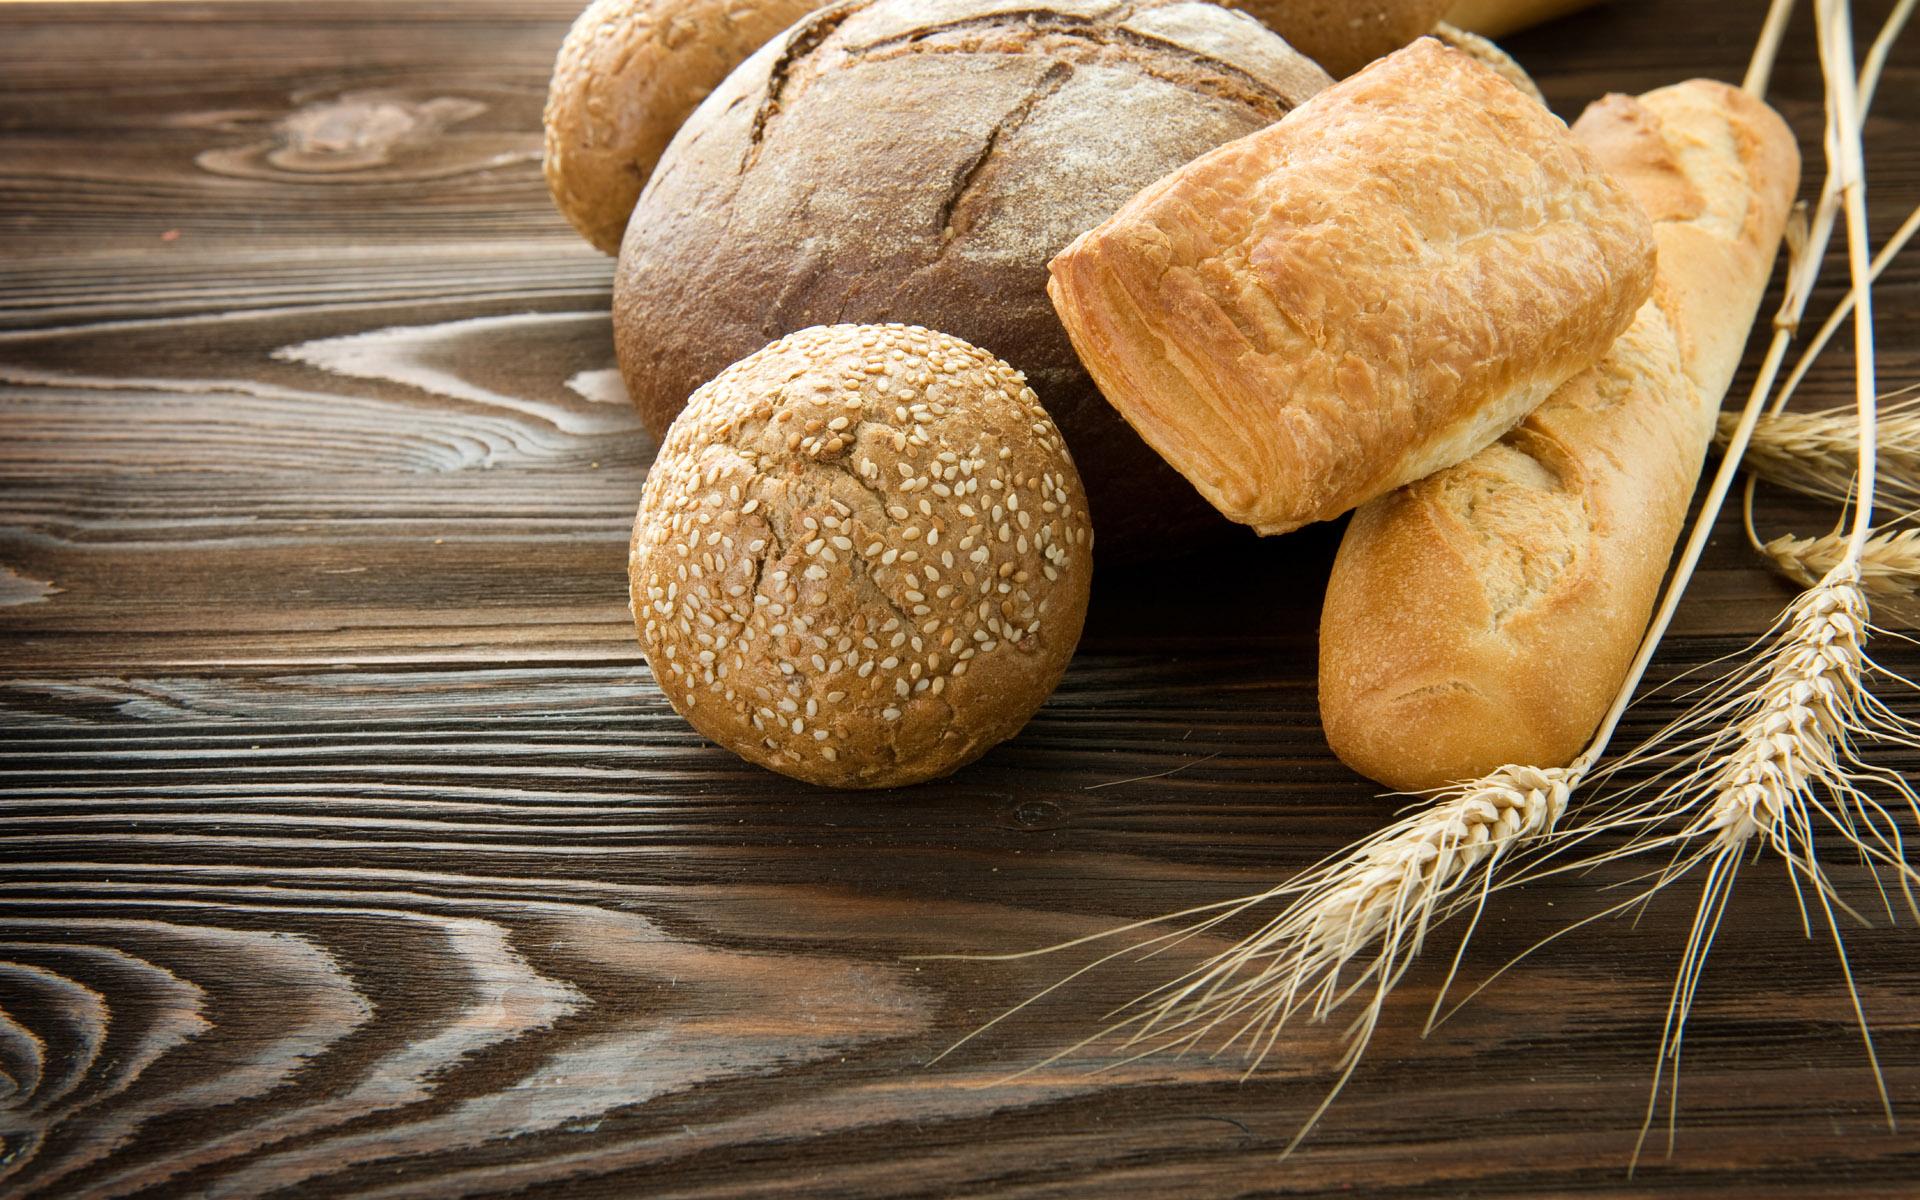 Dieta e pane: 5 regole per non rinunciarci e non ingrassare